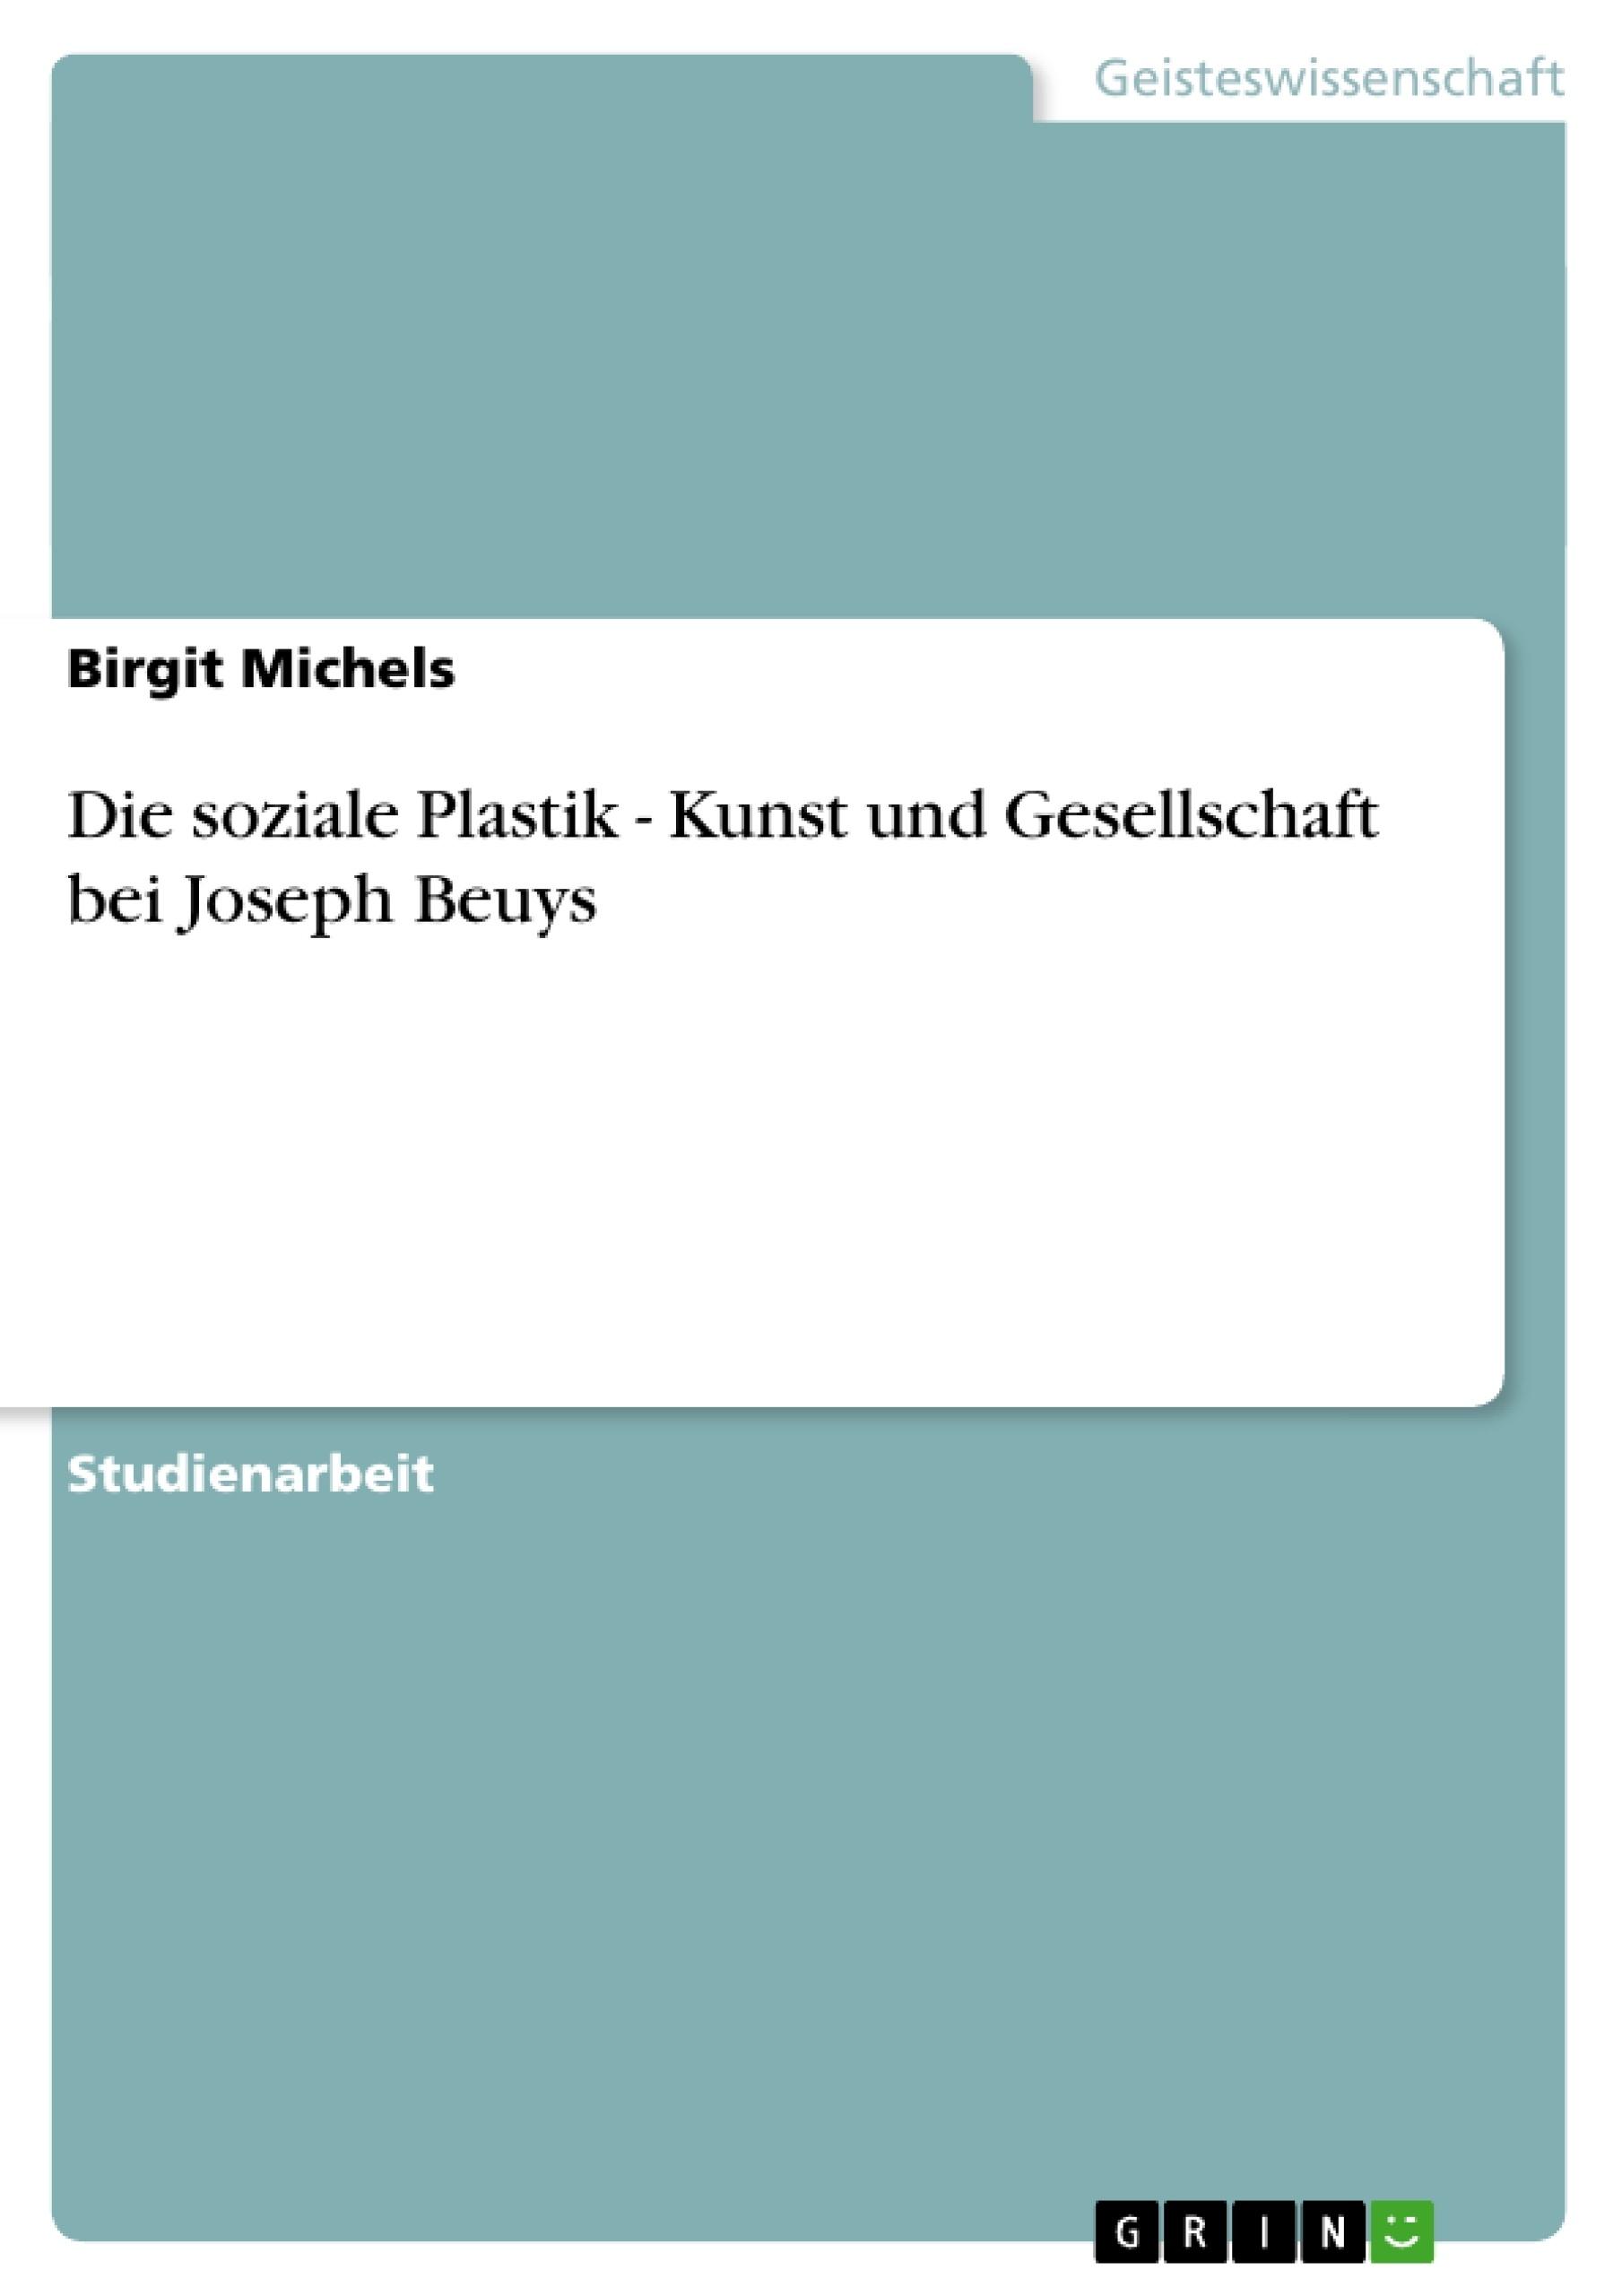 Titel: Die soziale Plastik - Kunst und Gesellschaft bei Joseph Beuys